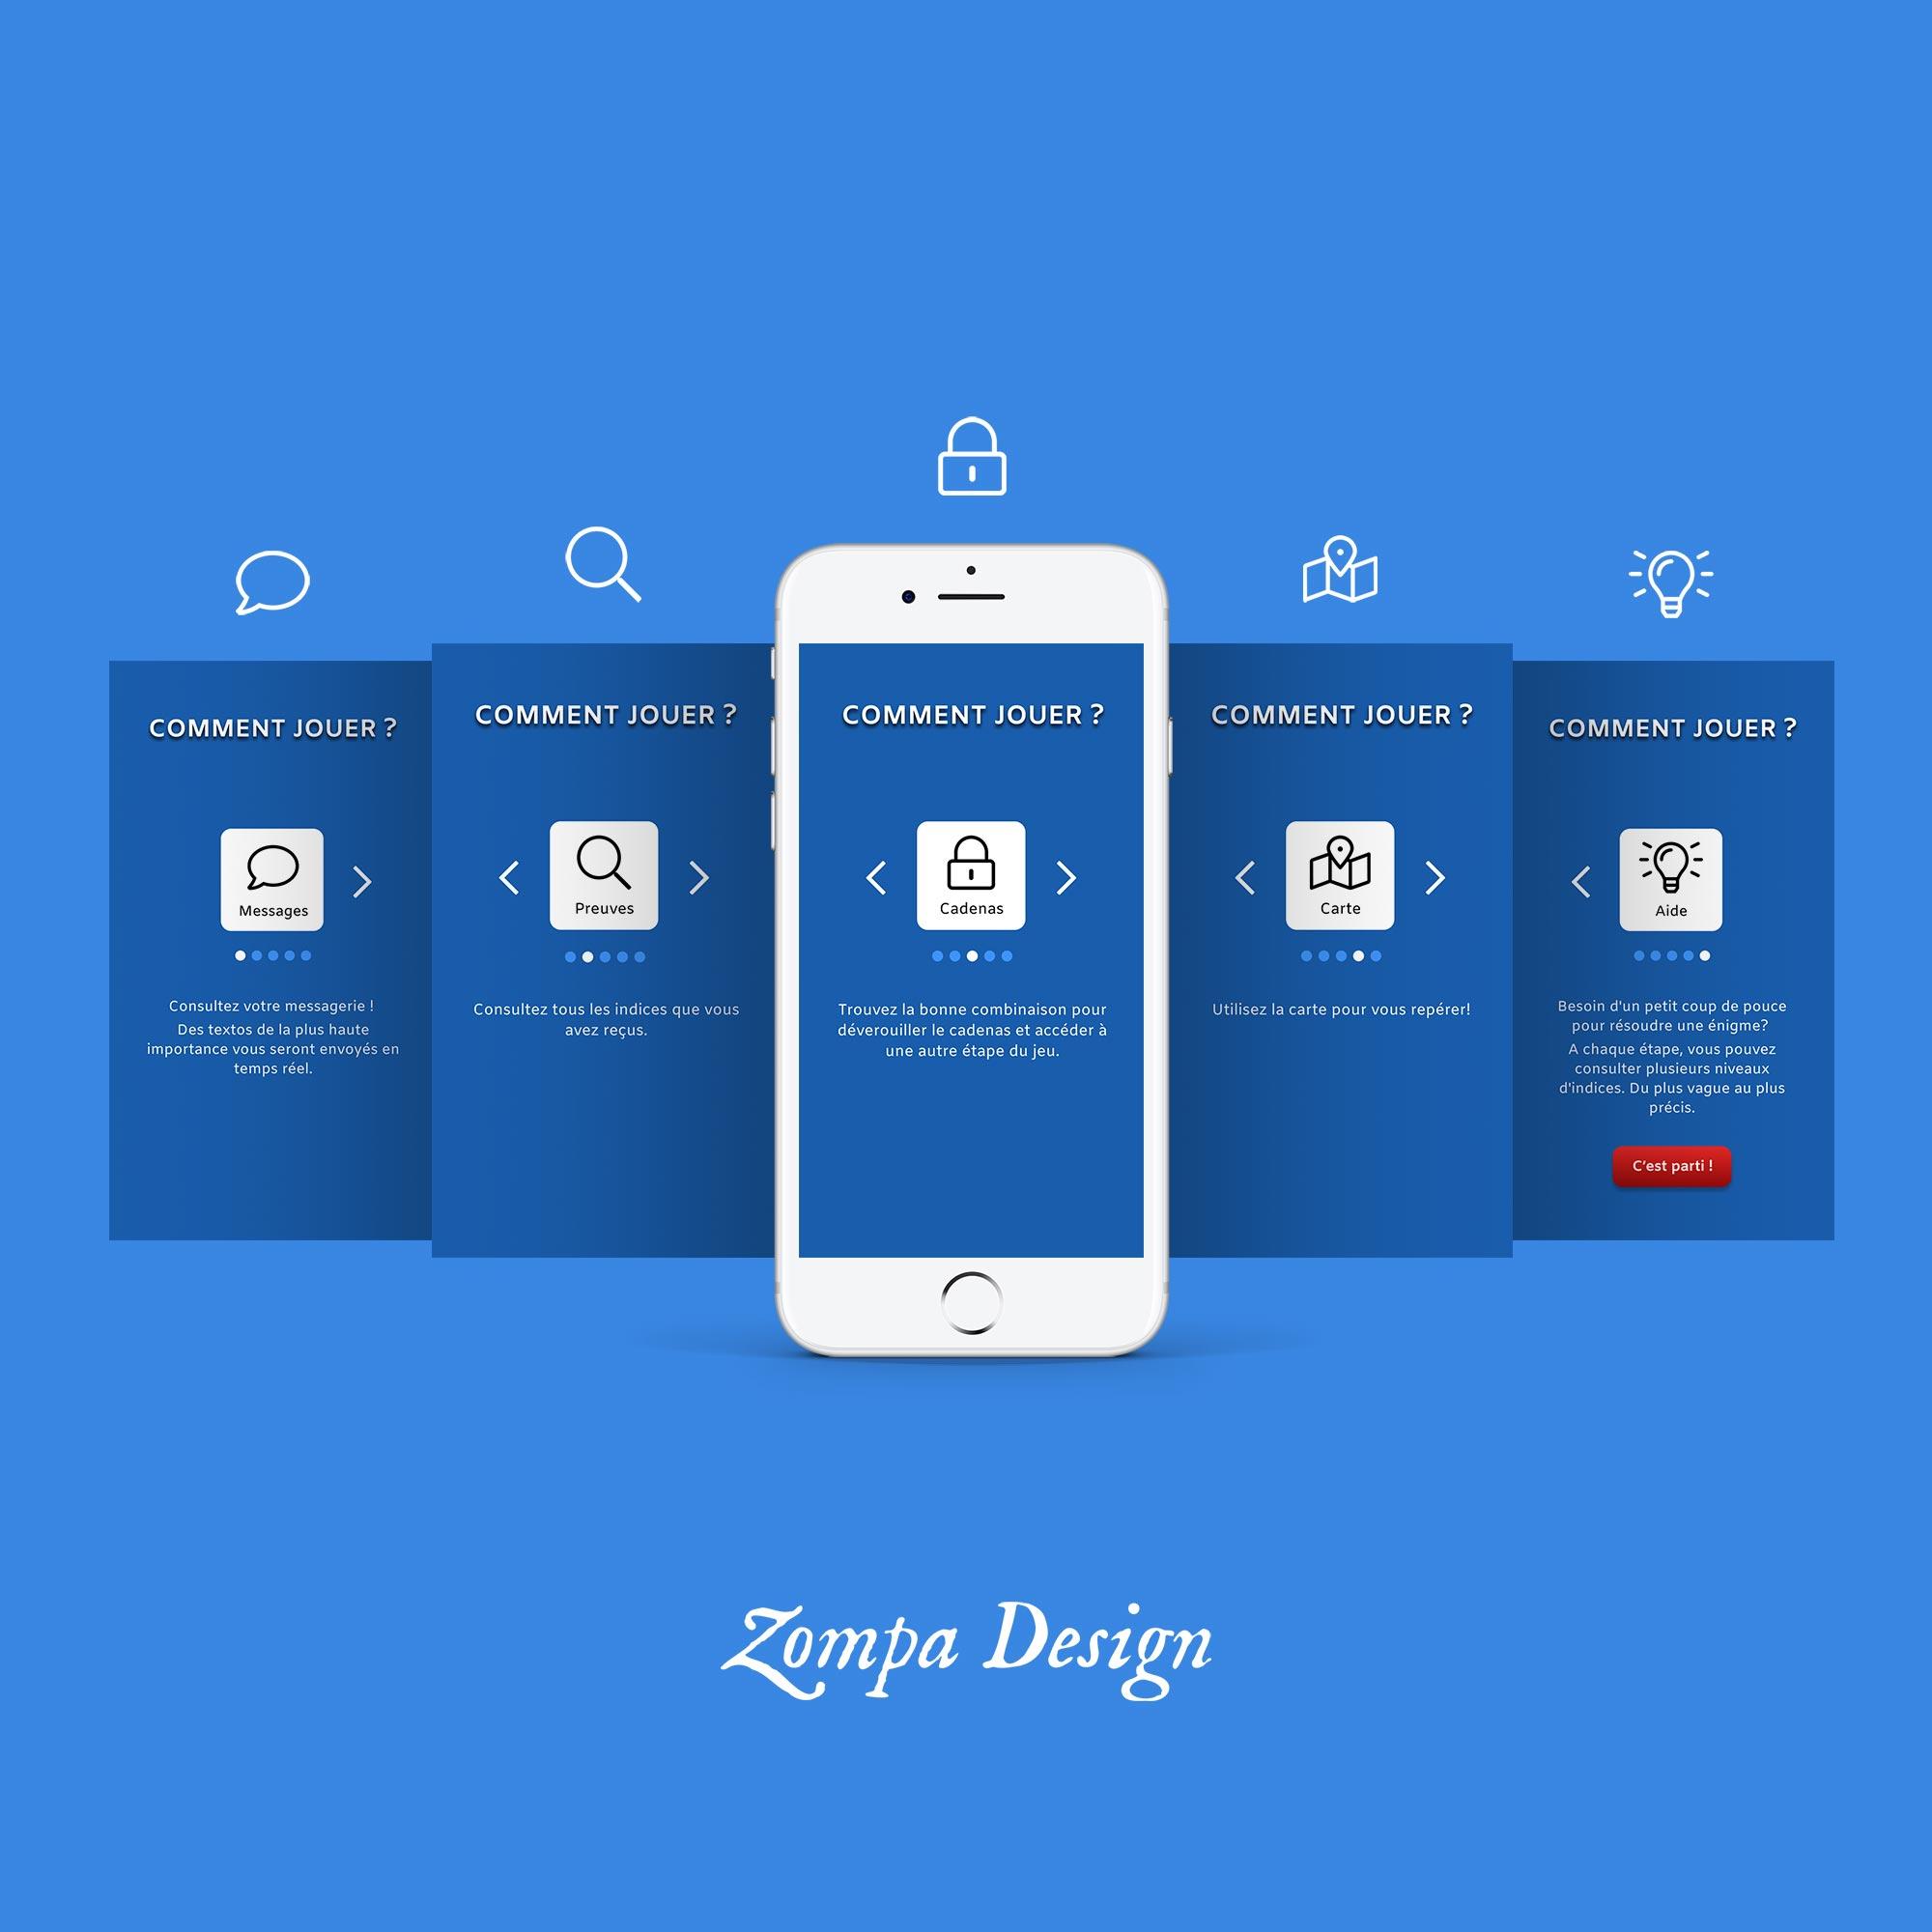 Design du tutoriel de l'application mobile d'escape game